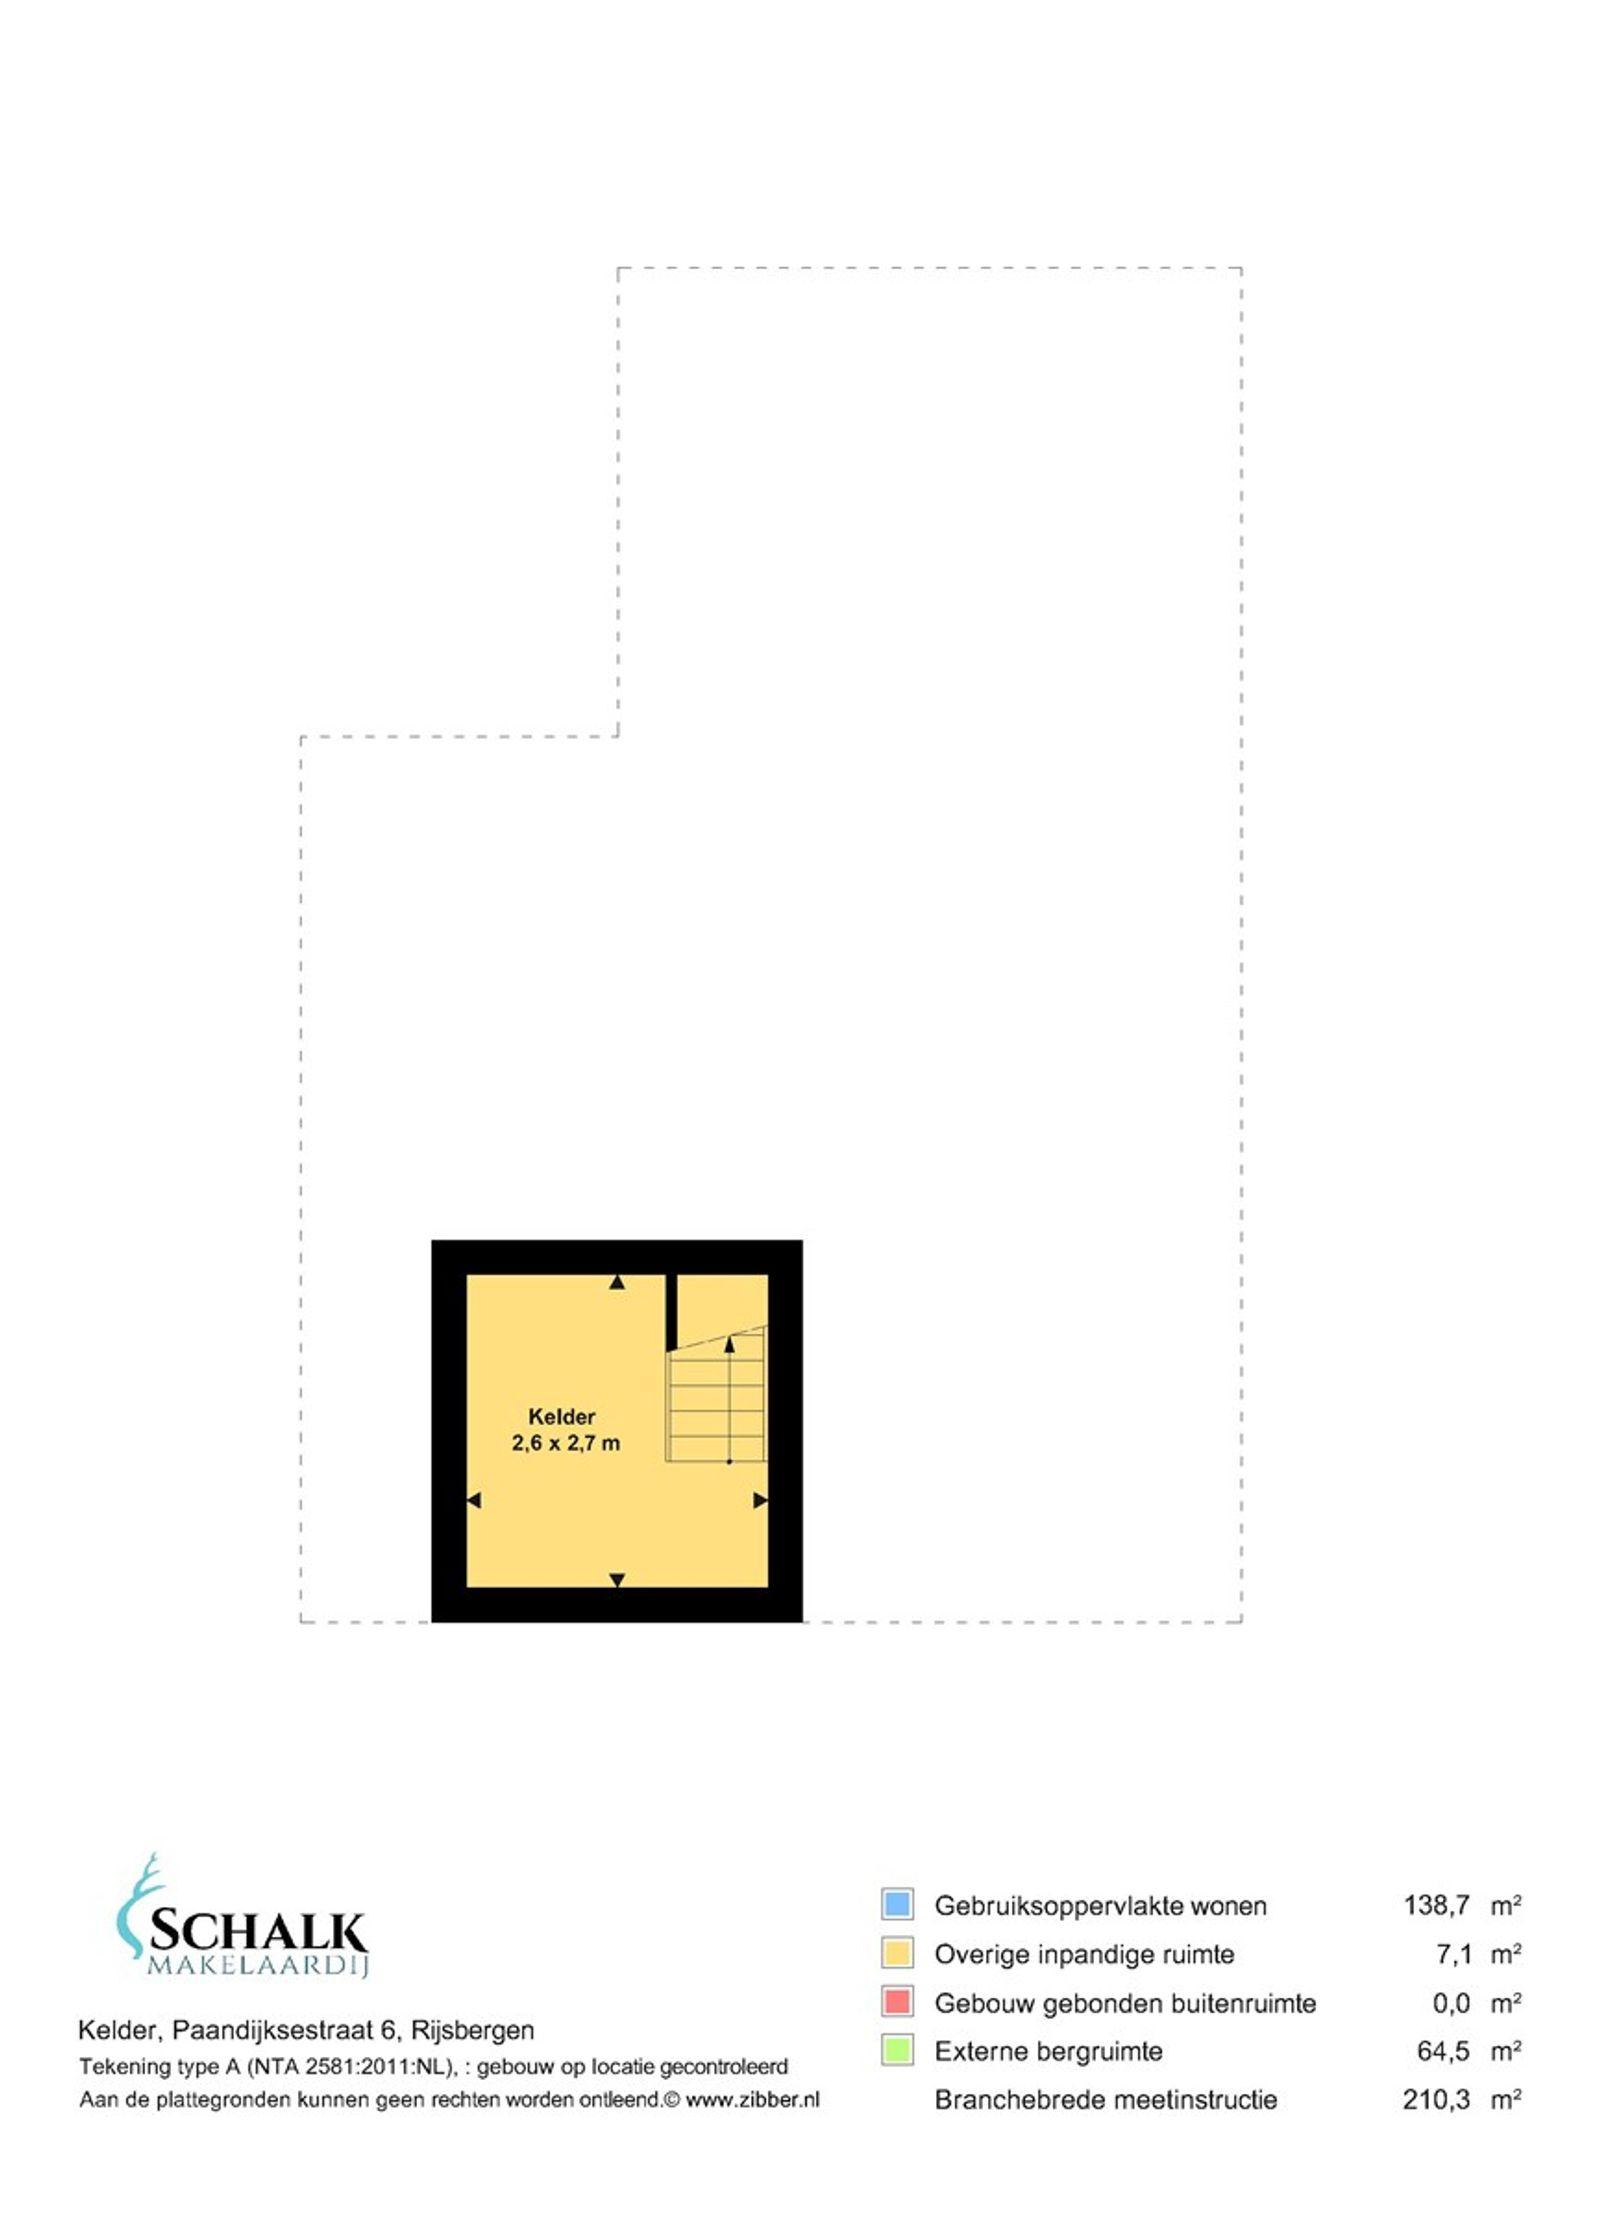 Deze karakteristieke half vrijstaande uitgebouwde woning met diverse bijgebouwen is rustig gelegen aan een doodlopende straat met vrij uitzicht. Op korte afstand zijn alle dorpsvoorzieningen te bereiken maar ook de snelweg tussen Rotterdam/Breda en Antwerpen (A16) is gemakkelijk binnen 3 autominuten te bereiken.   Bent u van plan om gasten te ontvangen? Of misschien wel beroep aan huis? Na het verkrijgen van een omgevingsvergunning is het multifunctionele bijgebouw hier uitermate geschikt. Deze ruimte kan uiteraard ook gewoon als garage/opslagruimte worden gebruikt.   De begane grond heeft een royale living met openslaande glas-in-lood deuren die toegang geven tot de keuken in landelijke stijl. De eerste verdieping heeft een ruime badkamer, drie slaapkamers en een was– en kleedruimte, die eventueel ook als slaapkamer gebruikt kan worden.  Naast de achtertuin beschikt het perceel ook nog over een (dieren) weide met verblijf en mooie fruitbomen.   BEGANE GROND Entree/hal met toegang tot de woonkamer en vaste trap naar de eerste verdieping. Afwerking- authentieke tegelvloer, stucwerk wanden en een MDF plafond. Meterkast- 9 groepen, kookgroep en een aardlekschakelaar.  Kelder toegankelijk vanuit de living.  Afwerking- betonnen vloer, stucwerk wanden en een stucwerk plafond.  Zeer royale U - vormige living met fraaie houten balken in het zicht, schouw, rookkanaal en tuindeuren. Via openslaande glas-in-lood deuren is de keuken bereikbaar. Afwerking- houten vloer, stucwerk wanden en een stucwerk plafond.  Landelijke keuken in tweedelige opstelling uitgerust met een hardstenen aanrechtblad, spoelbak,  pannencarrousel, vaatwasser, 5-pits keramisch Boretti kooktoestel, afzuigkap, magnetron, elektrische oven, koelkast en kastruimte. Vanuit de keuken is de achterentree toegankelijk.  Afwerking- vinyl vloer, stucwerk wanden en stucwerk plafond met spotverlichting.  Achterentree met toegang tot de toiletruimte en keuken. Afwerking- vinylvloer, betegelde wanden en een stucwerk pla